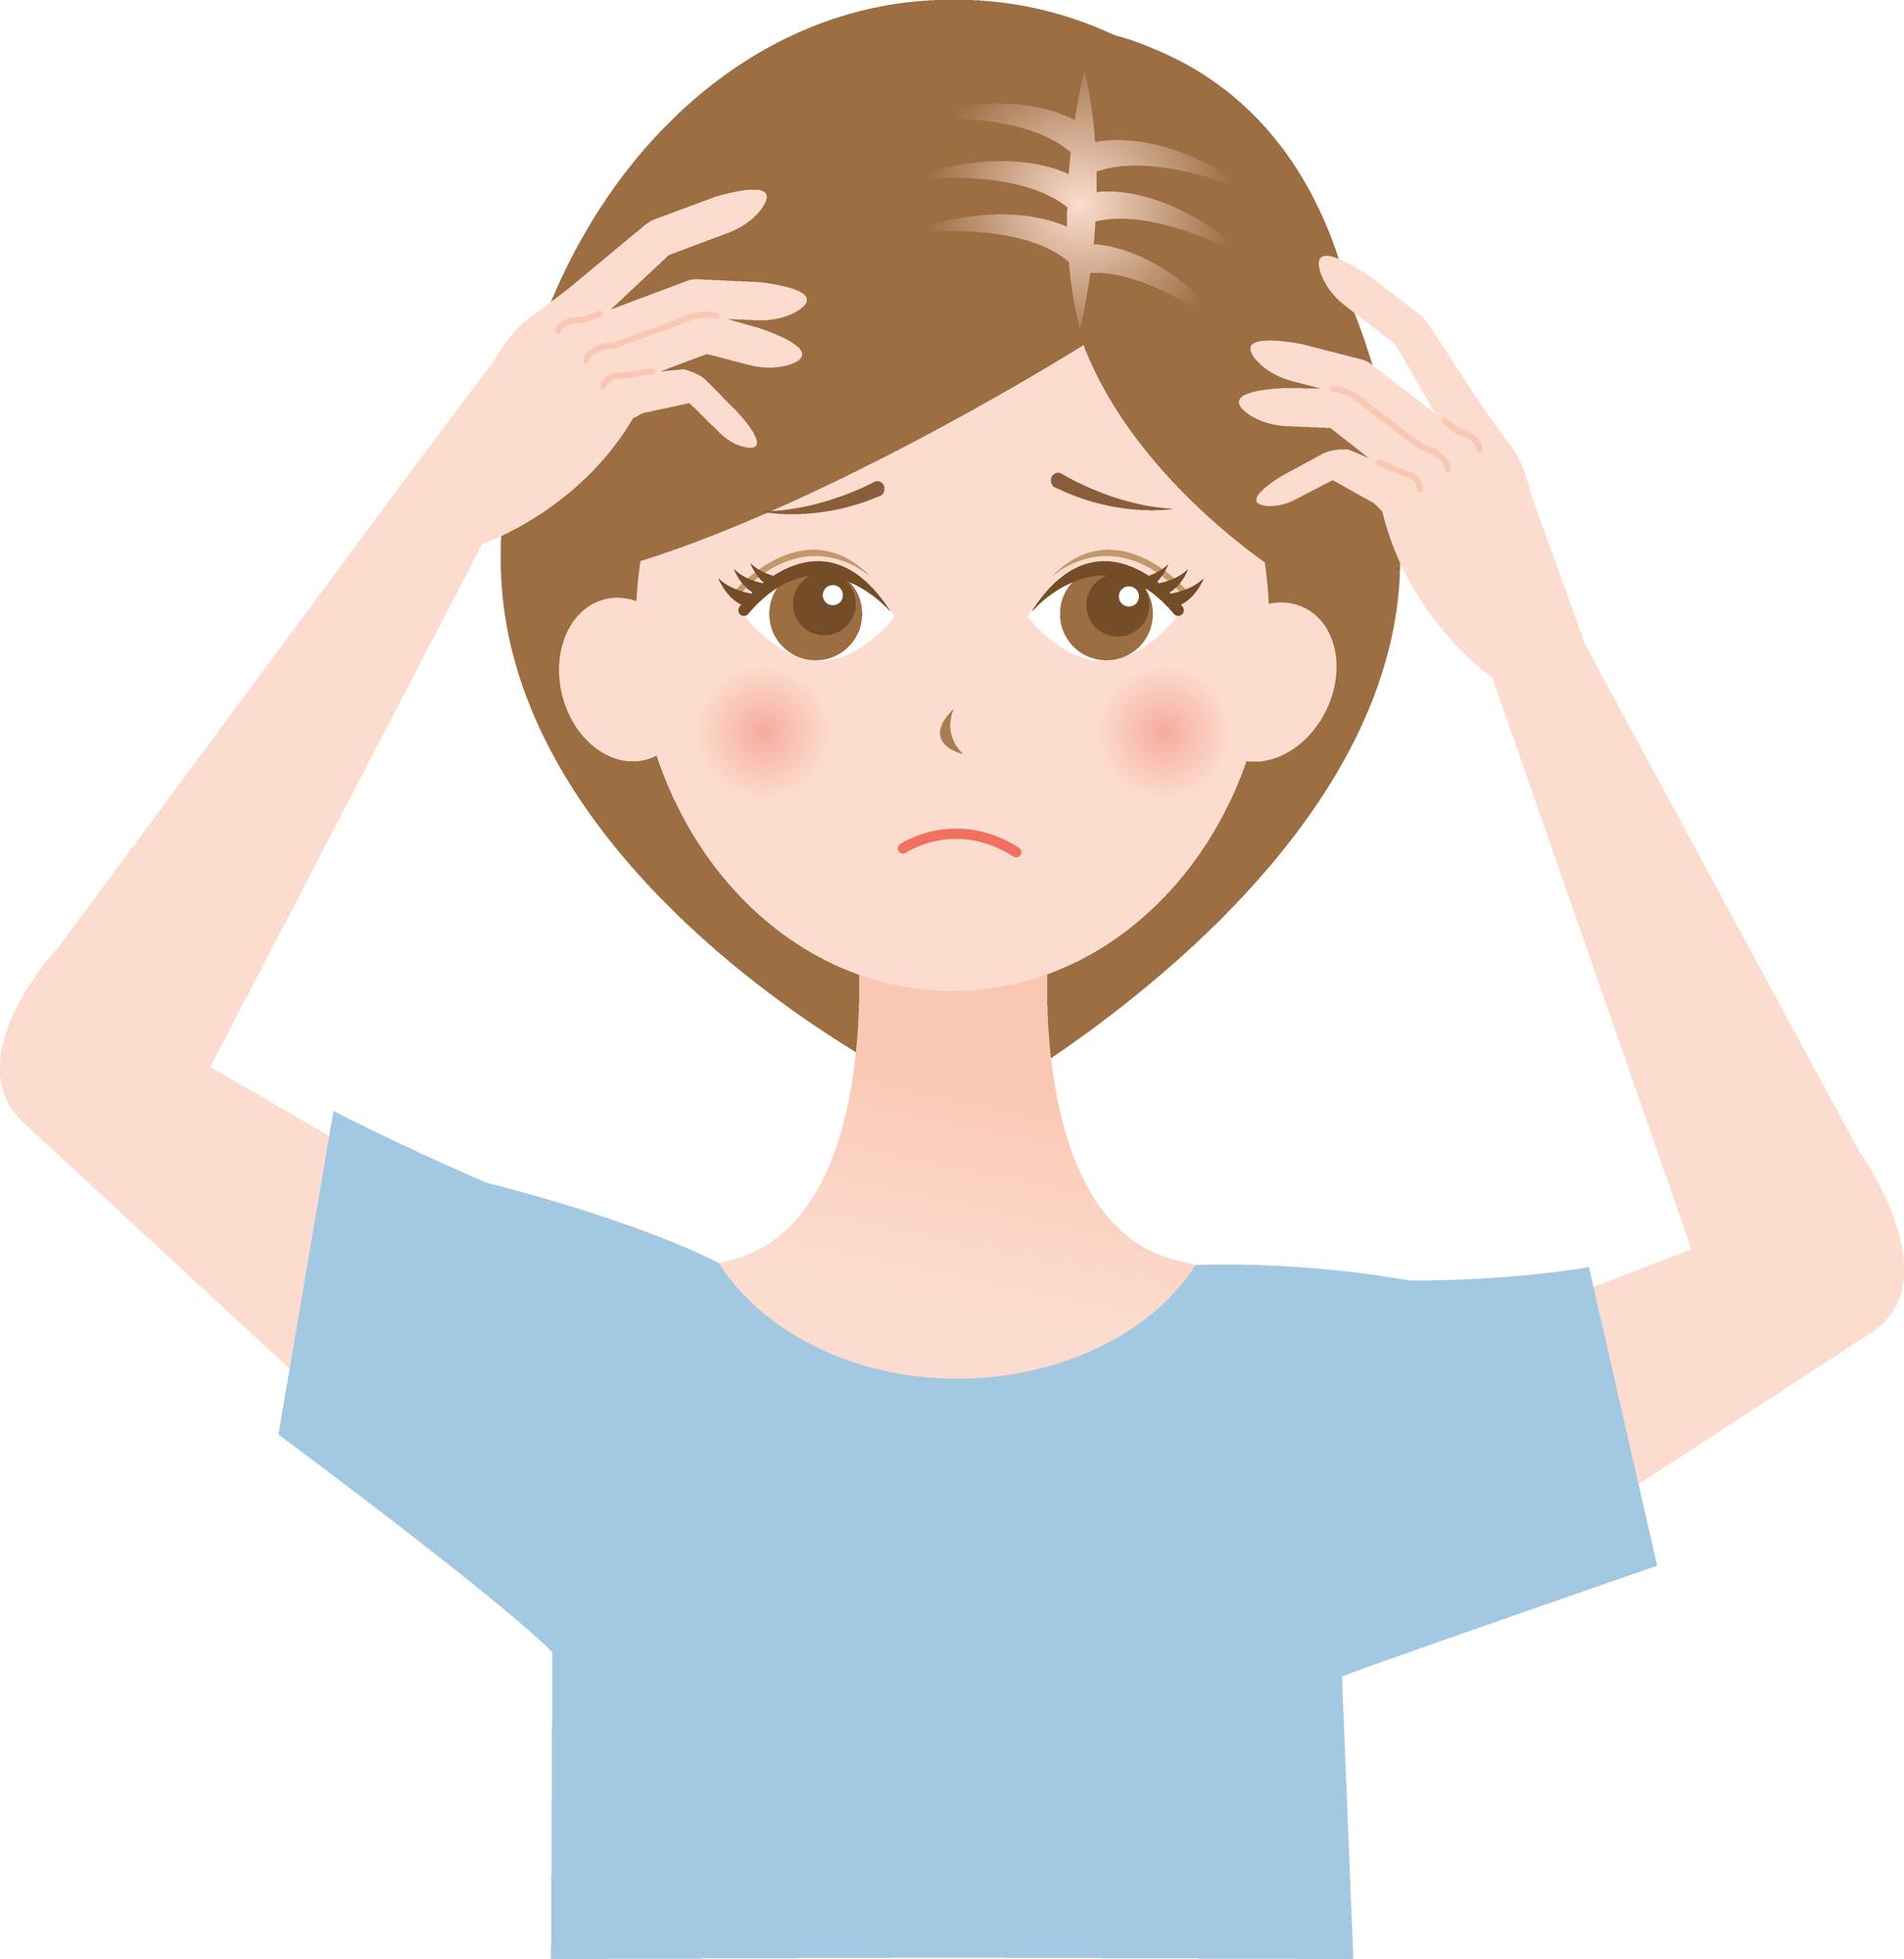 バセドウ病は女性の薄毛と関係アリ!?抜け毛が増加する原因を解説